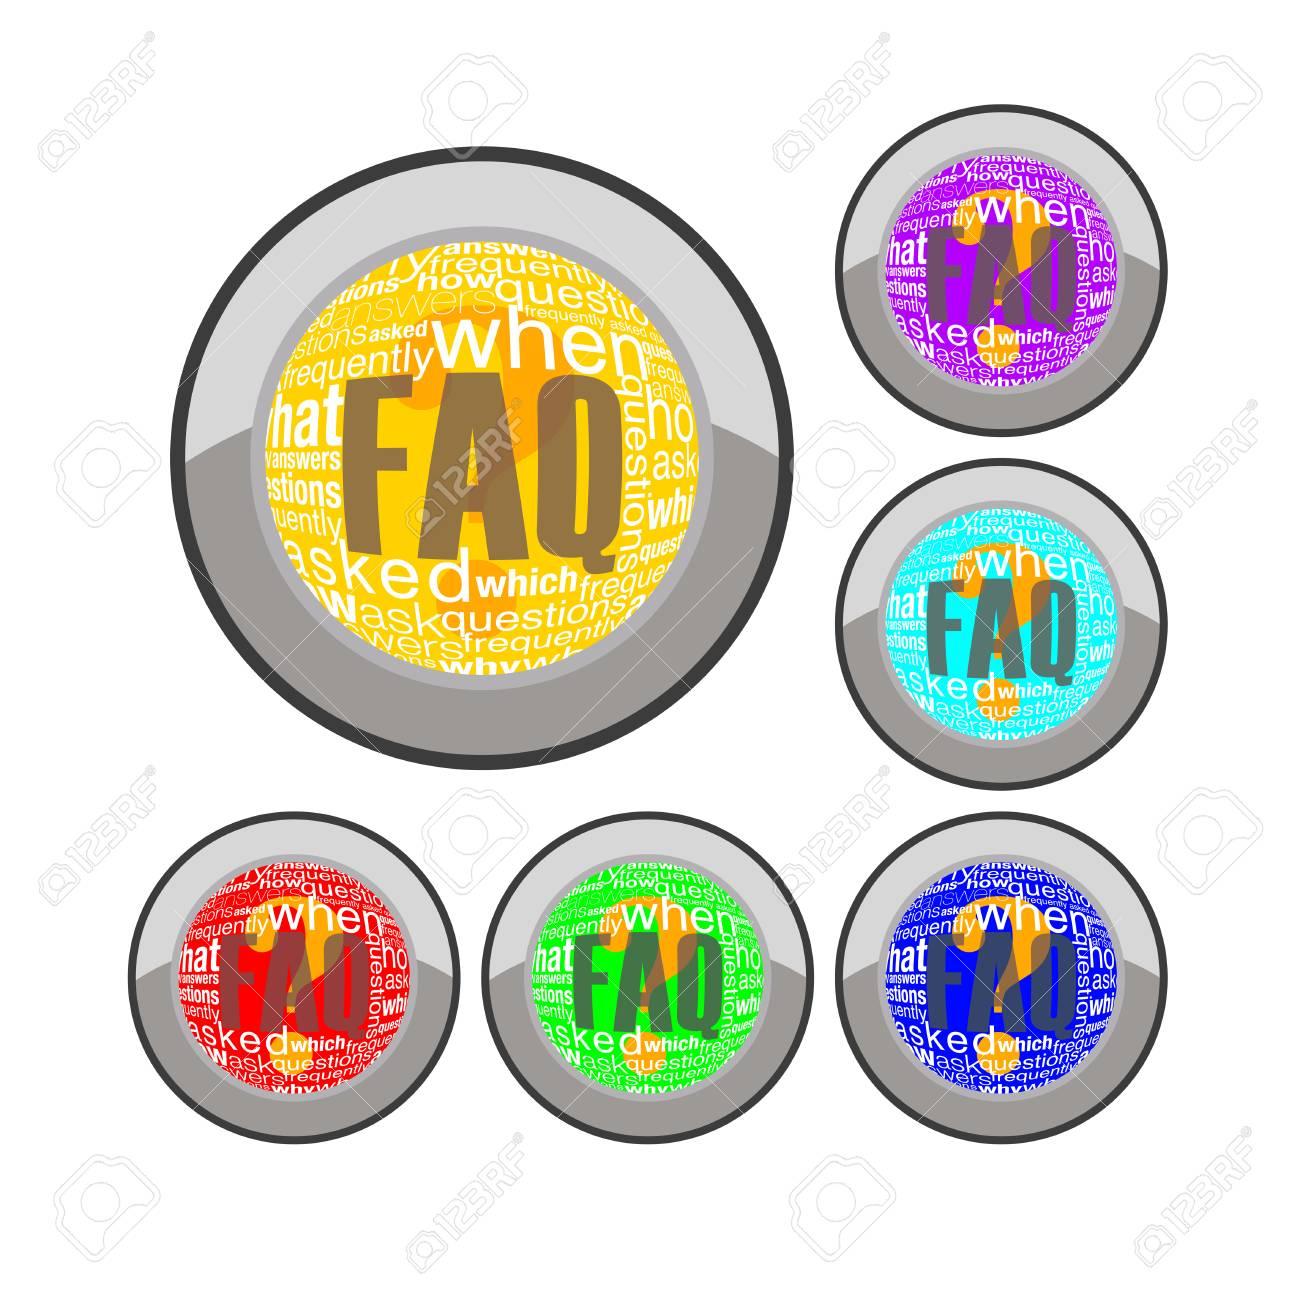 faq button Stock Vector - 8138937